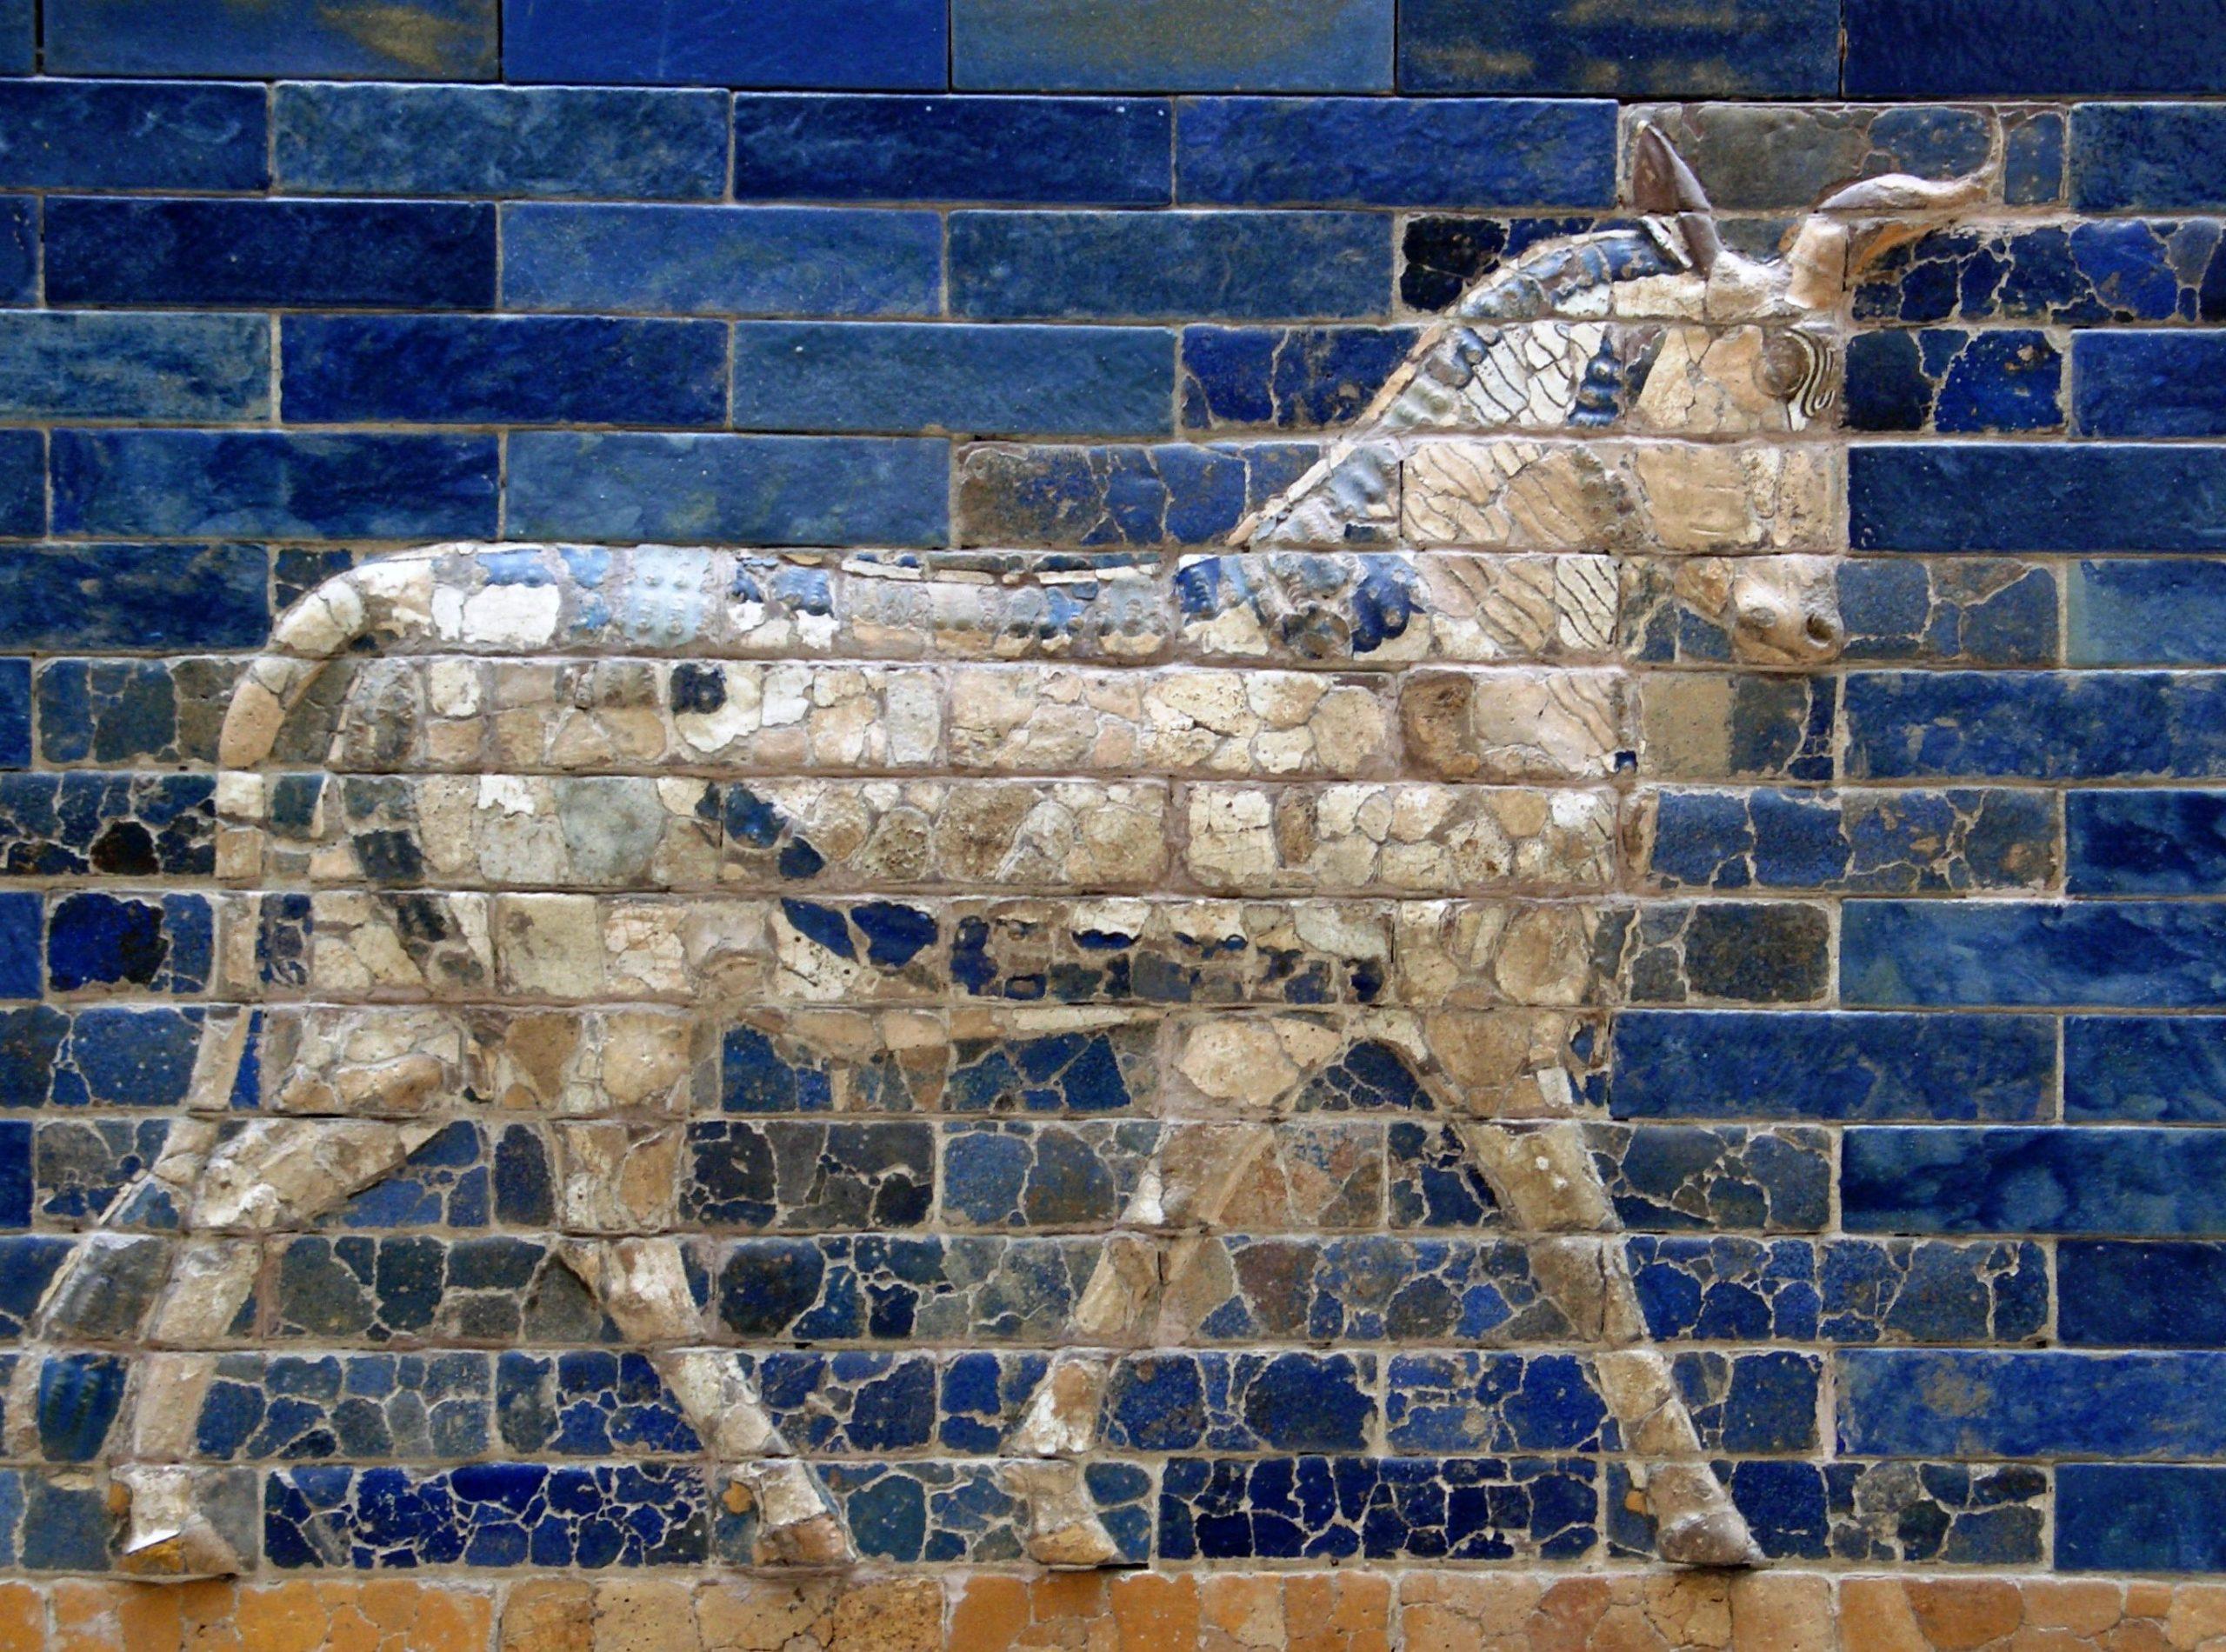 Darstellung eines Auerochsen auf Babylons Ischtar-Tor (6. Jahrhundert v. Chr.), heute im Pergamonmuseum, Berlin. Die Darstellung im Profil zeigt nur ein einziges Horn.